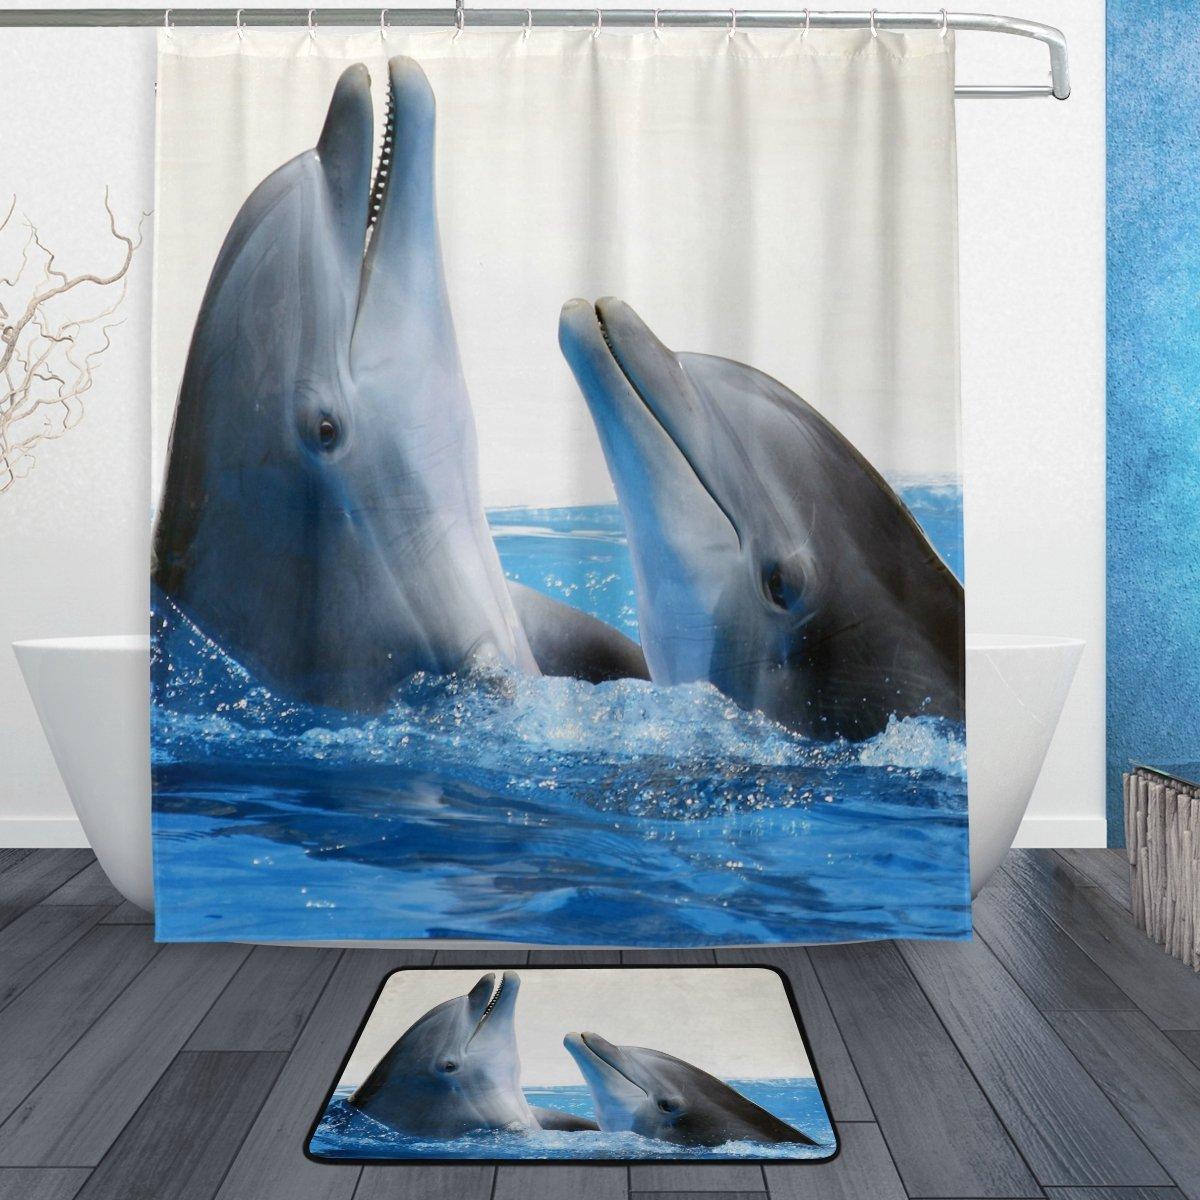 Ocean Sea Dolphin Shower Curtain And Mat Set Cute Sea